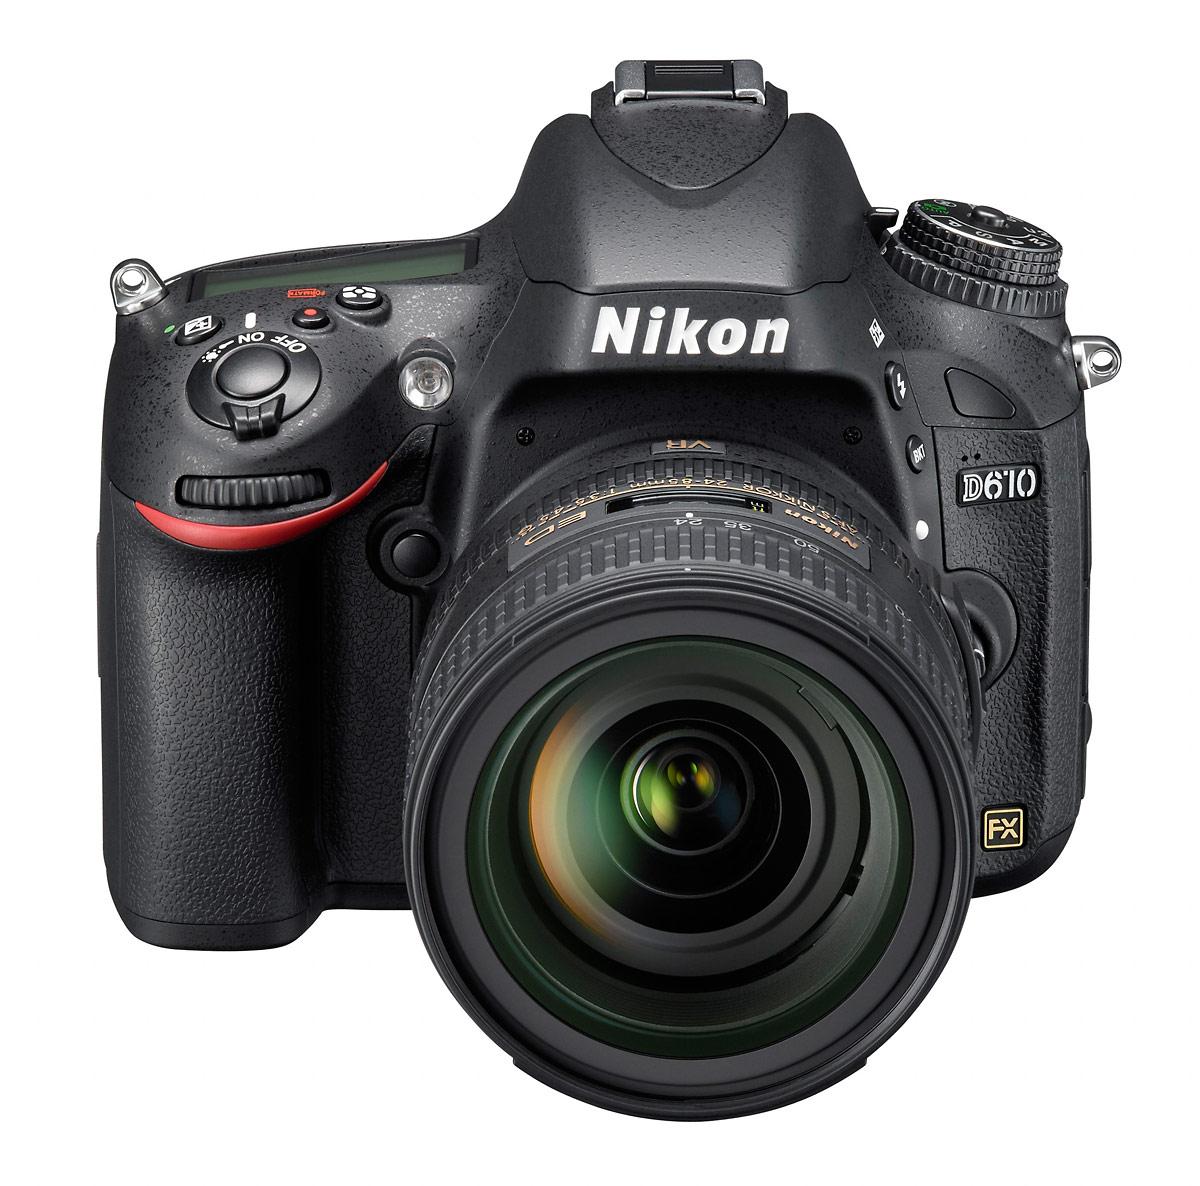 Nikon D610 DSLR - Front